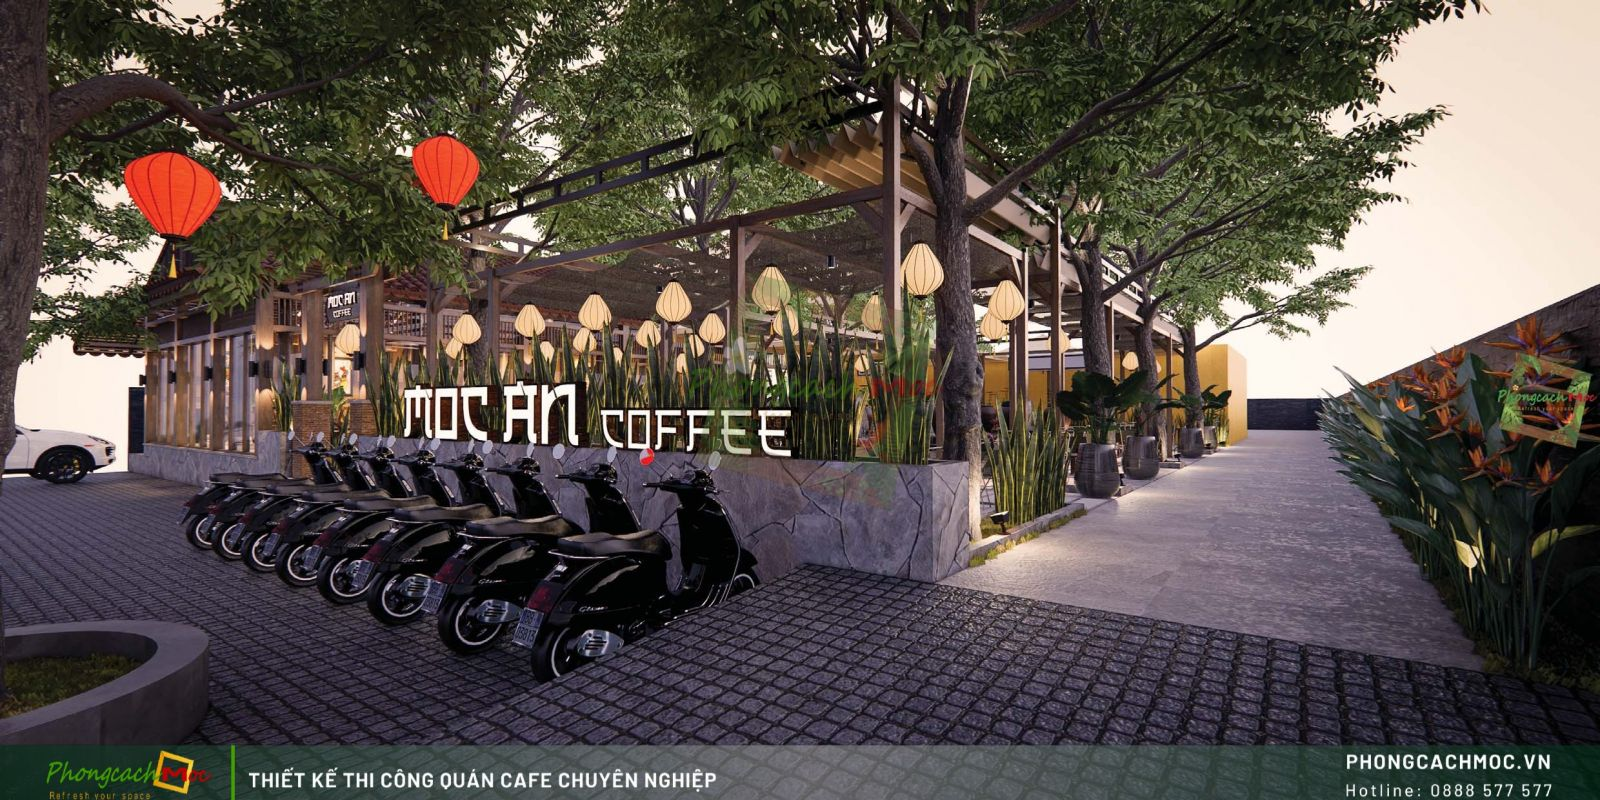 Thiết kế không gian Mộc An Coffee - Tây Ninh